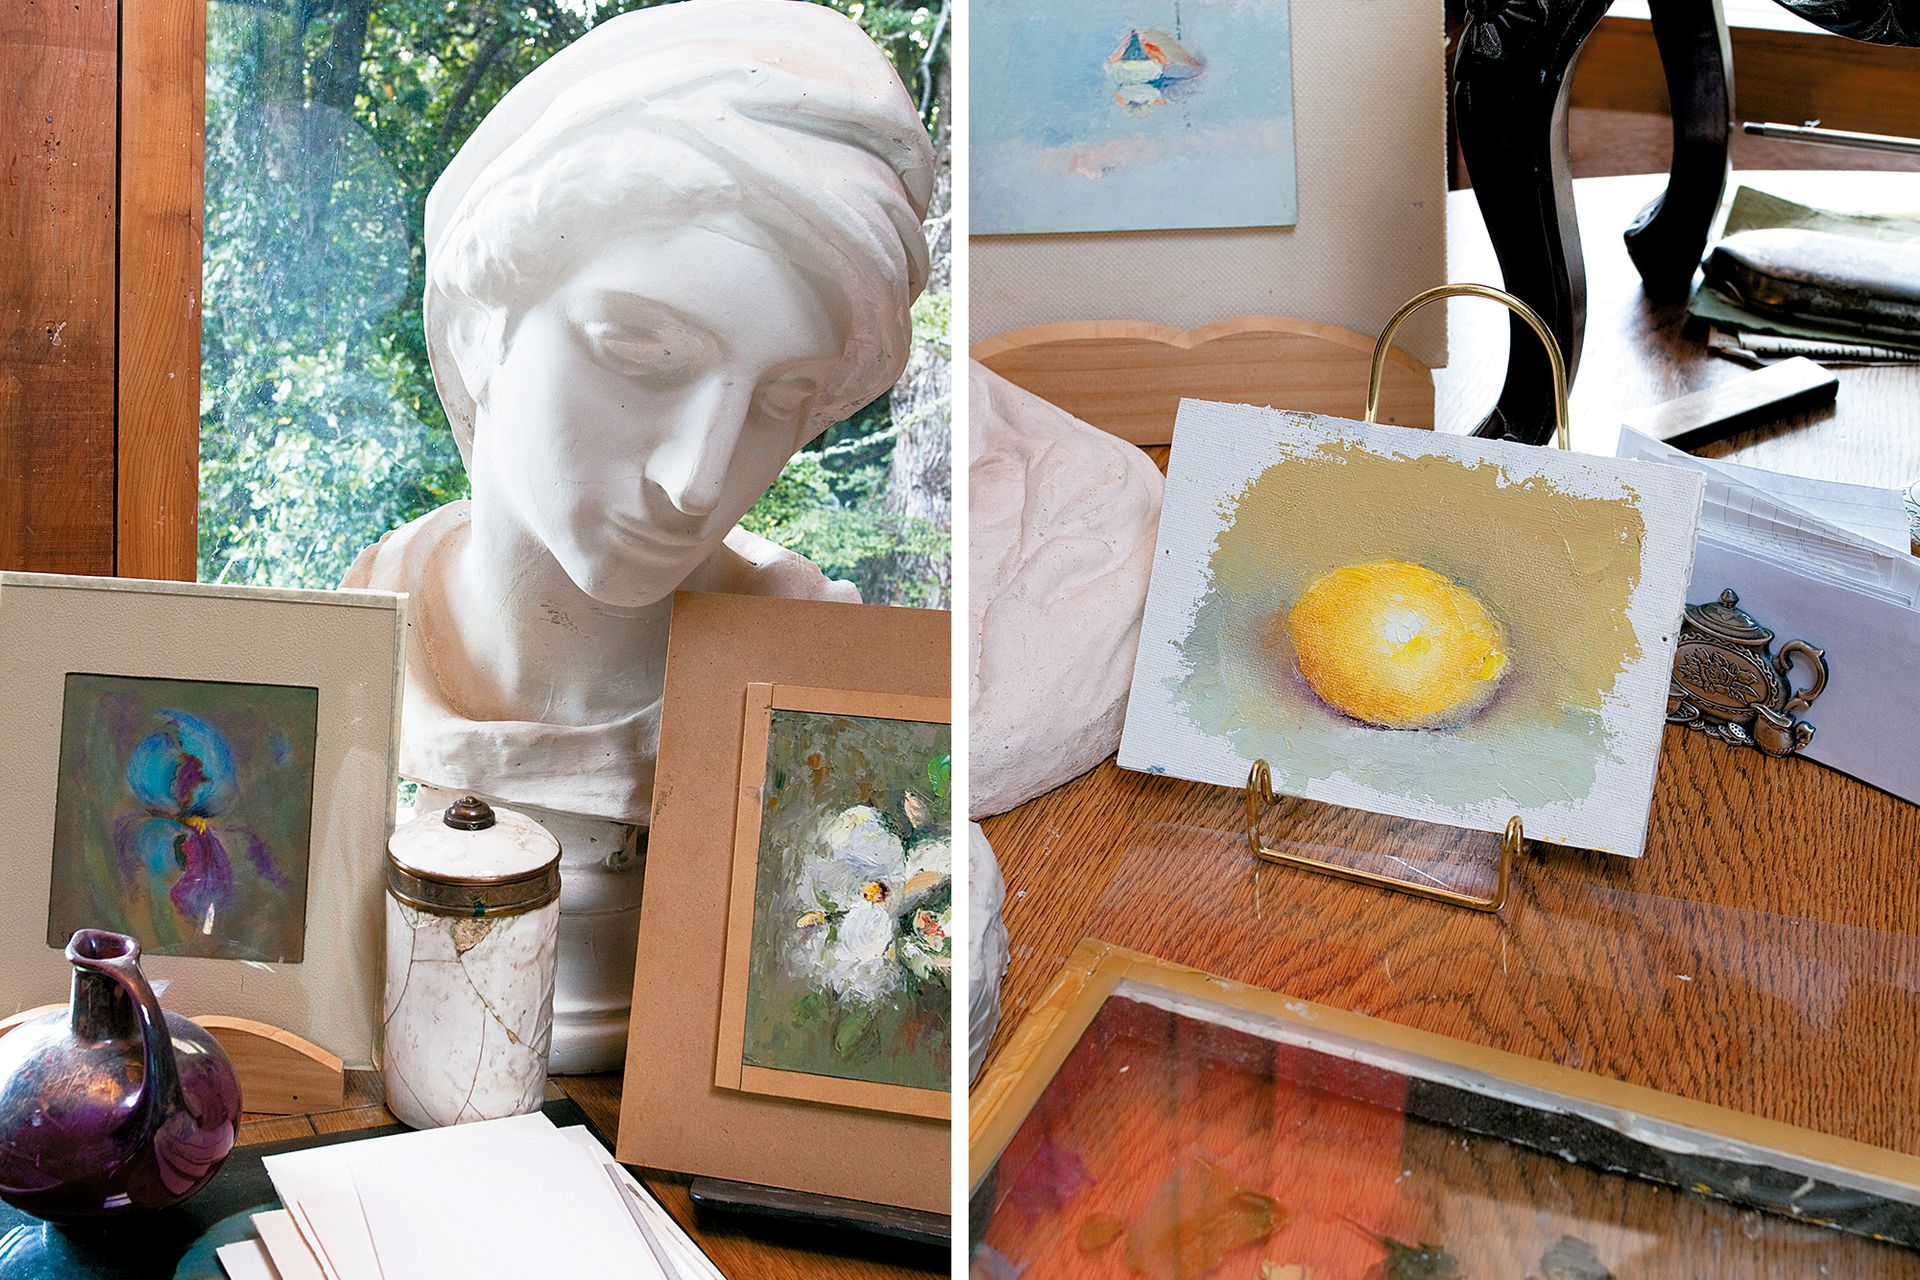 A la derecha, pintura de la dueña de casa: la acuarela de un limón.